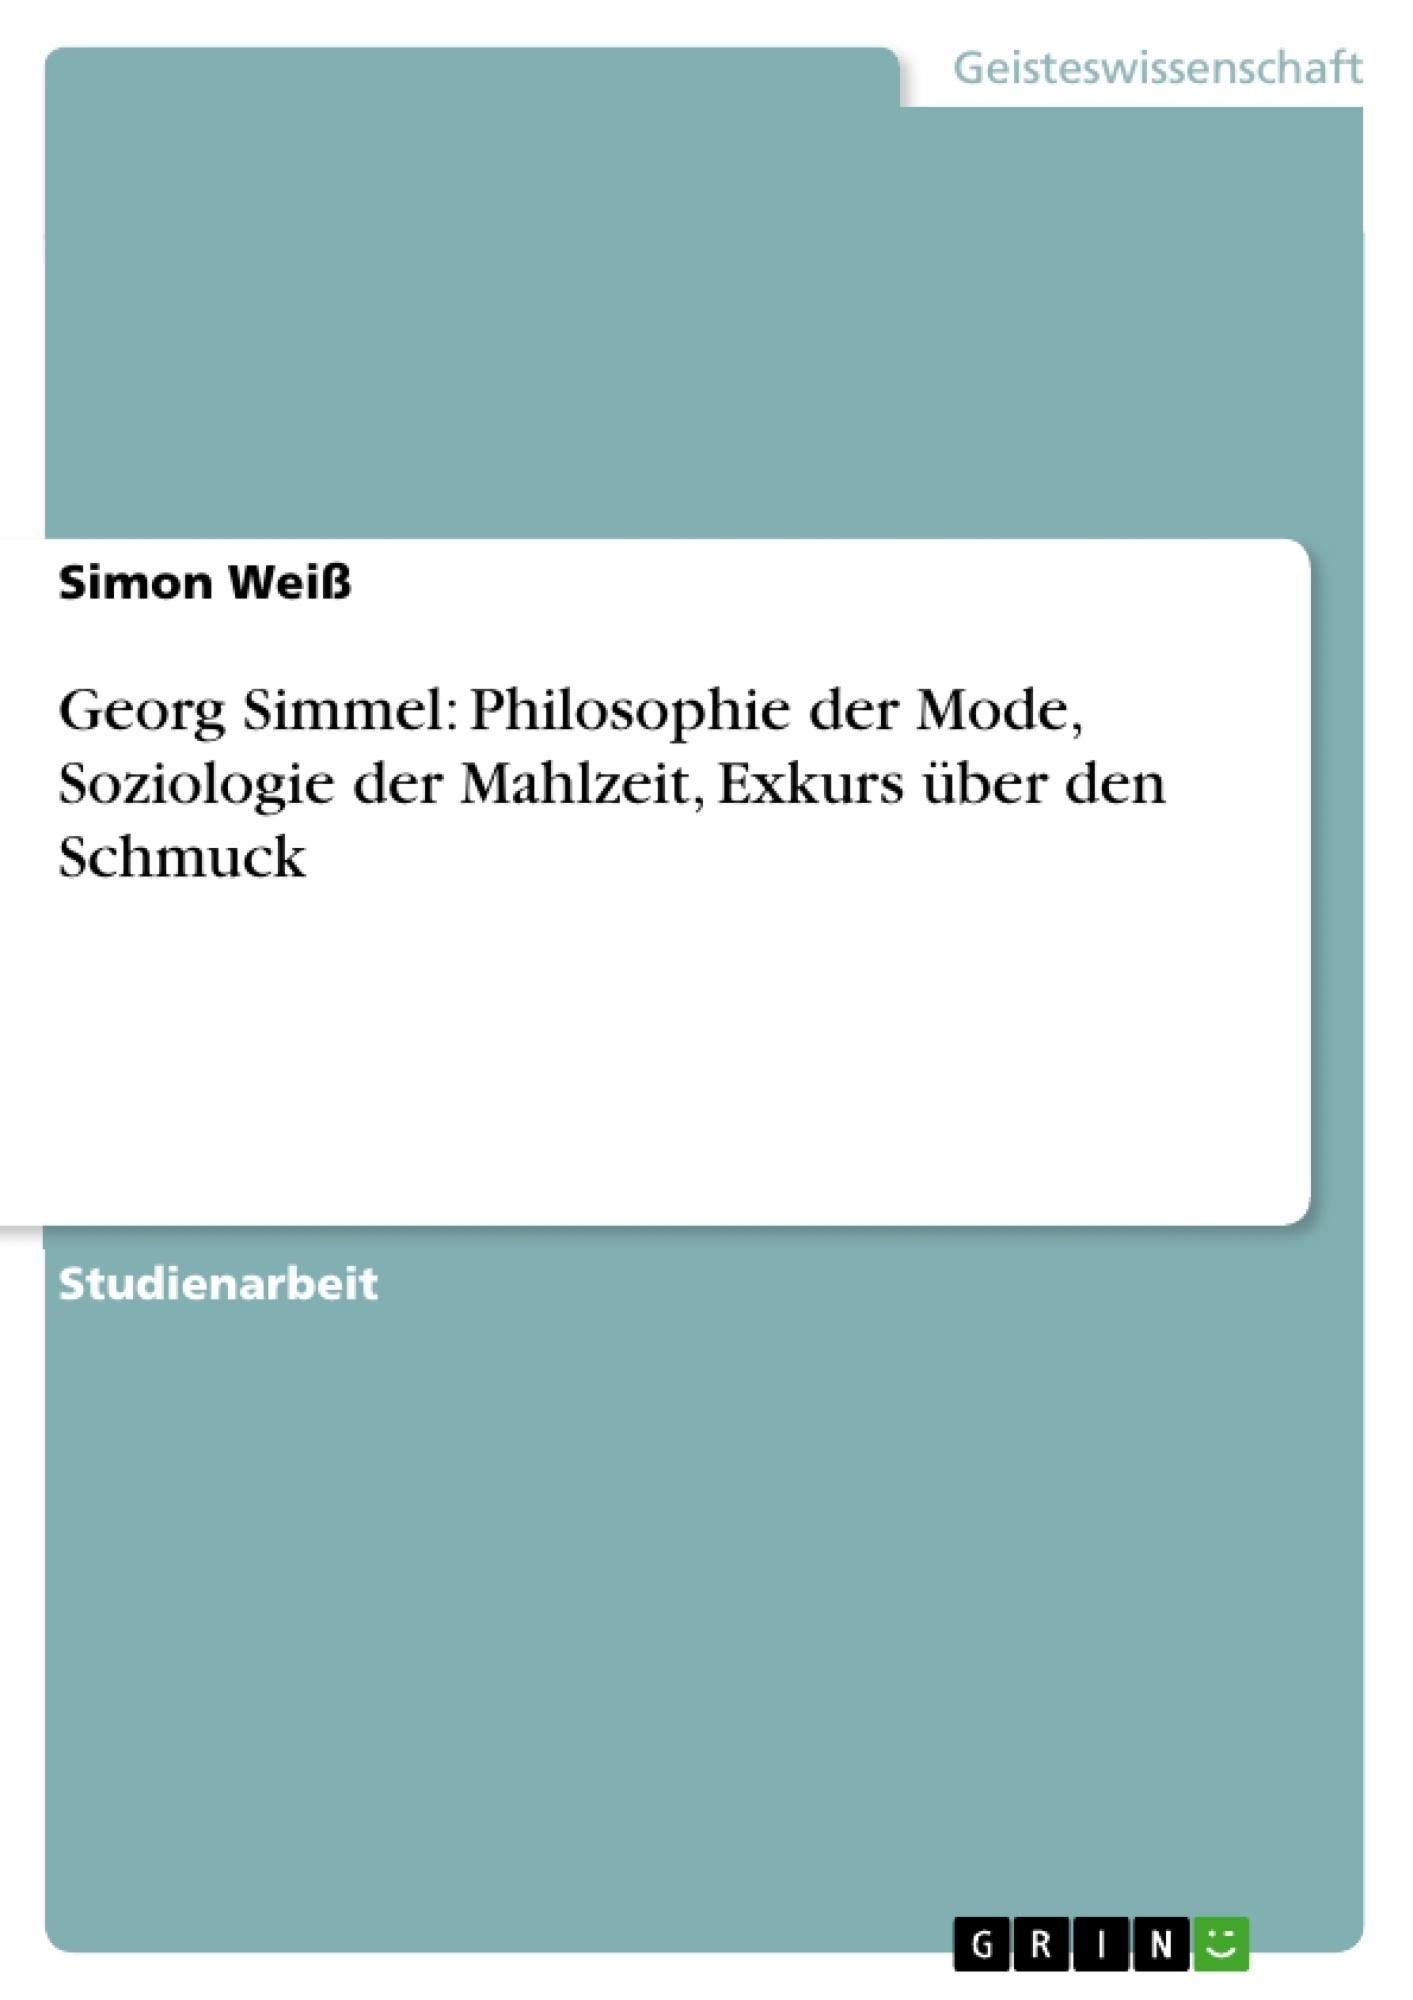 Titel: Georg Simmel: Philosophie der Mode, Soziologie der Mahlzeit, Exkurs über den Schmuck